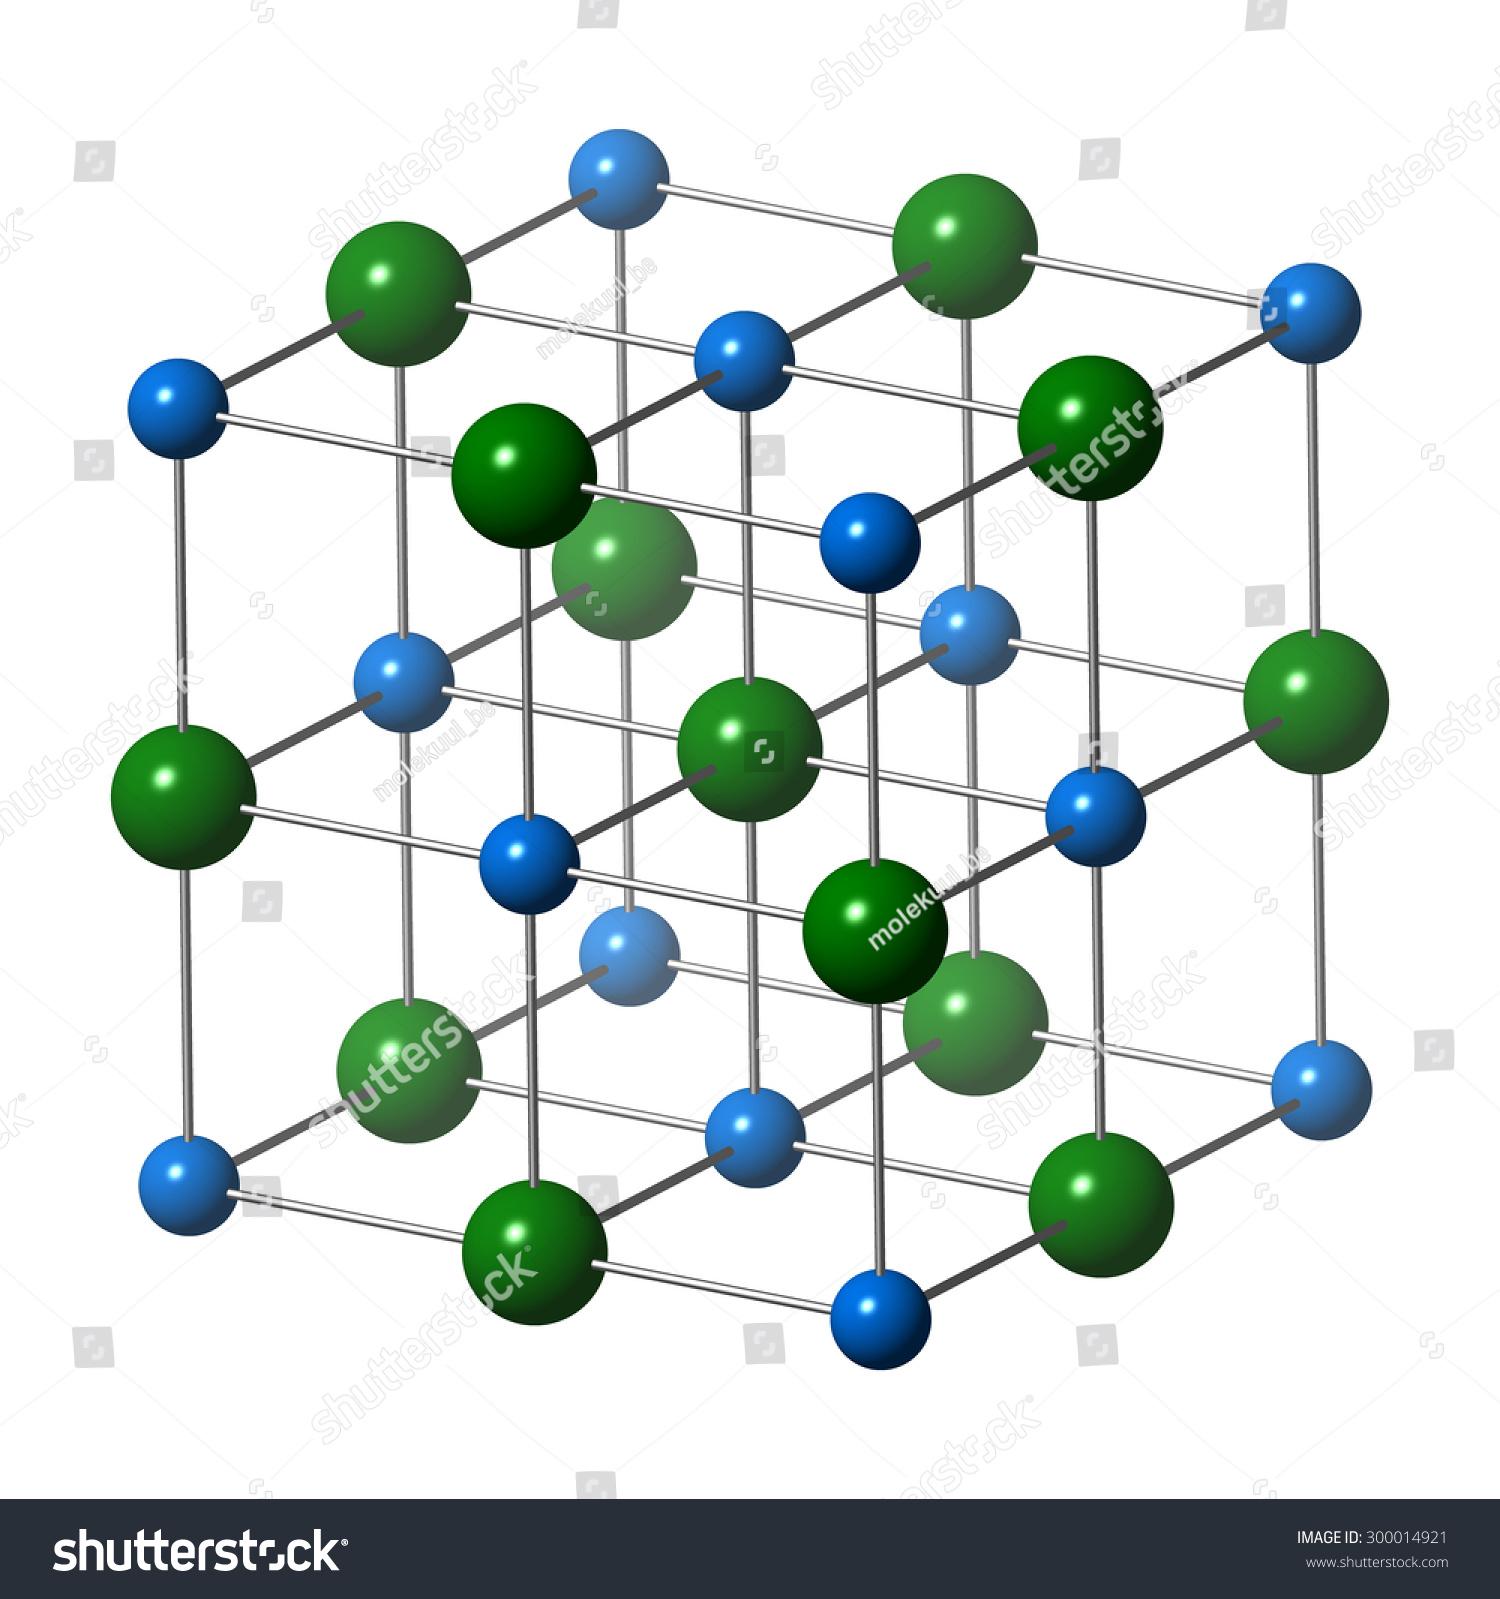 幼儿园主题网络结构图